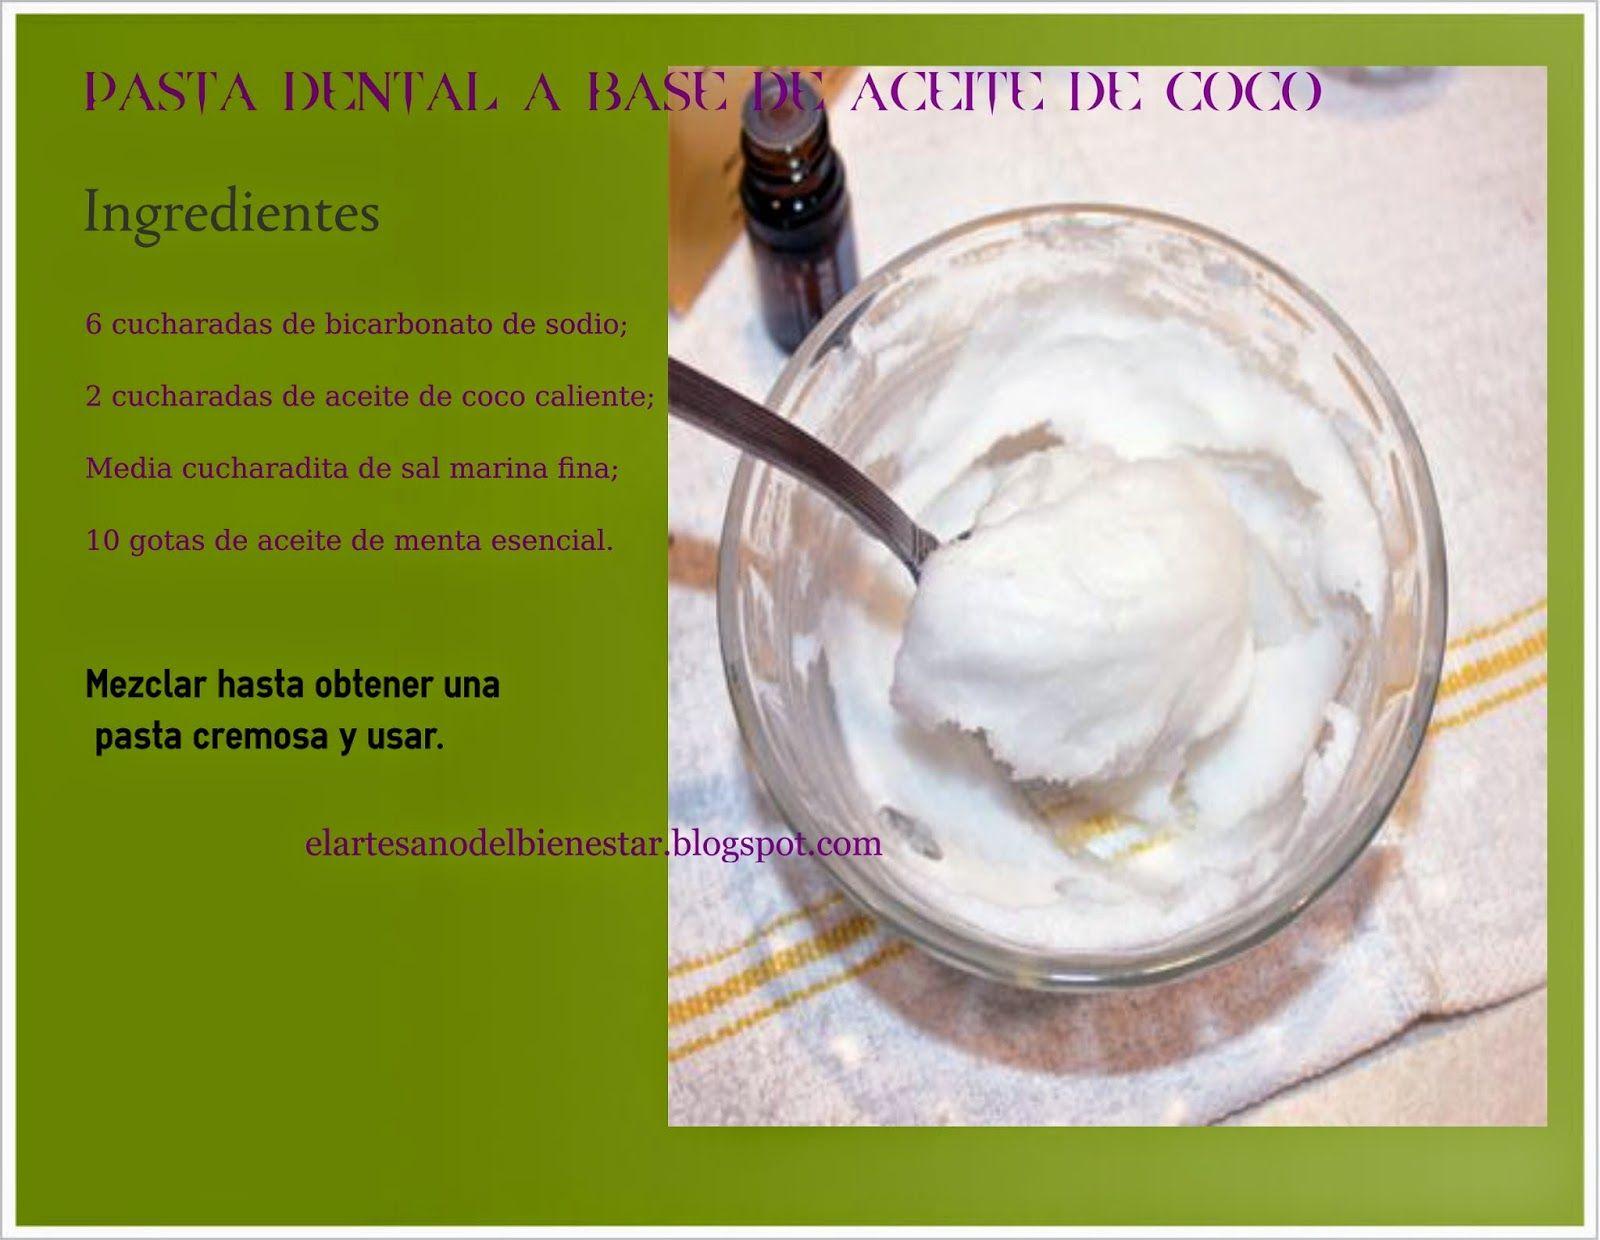 Pasta dental con bicarbonato de sodio y aceite de coco